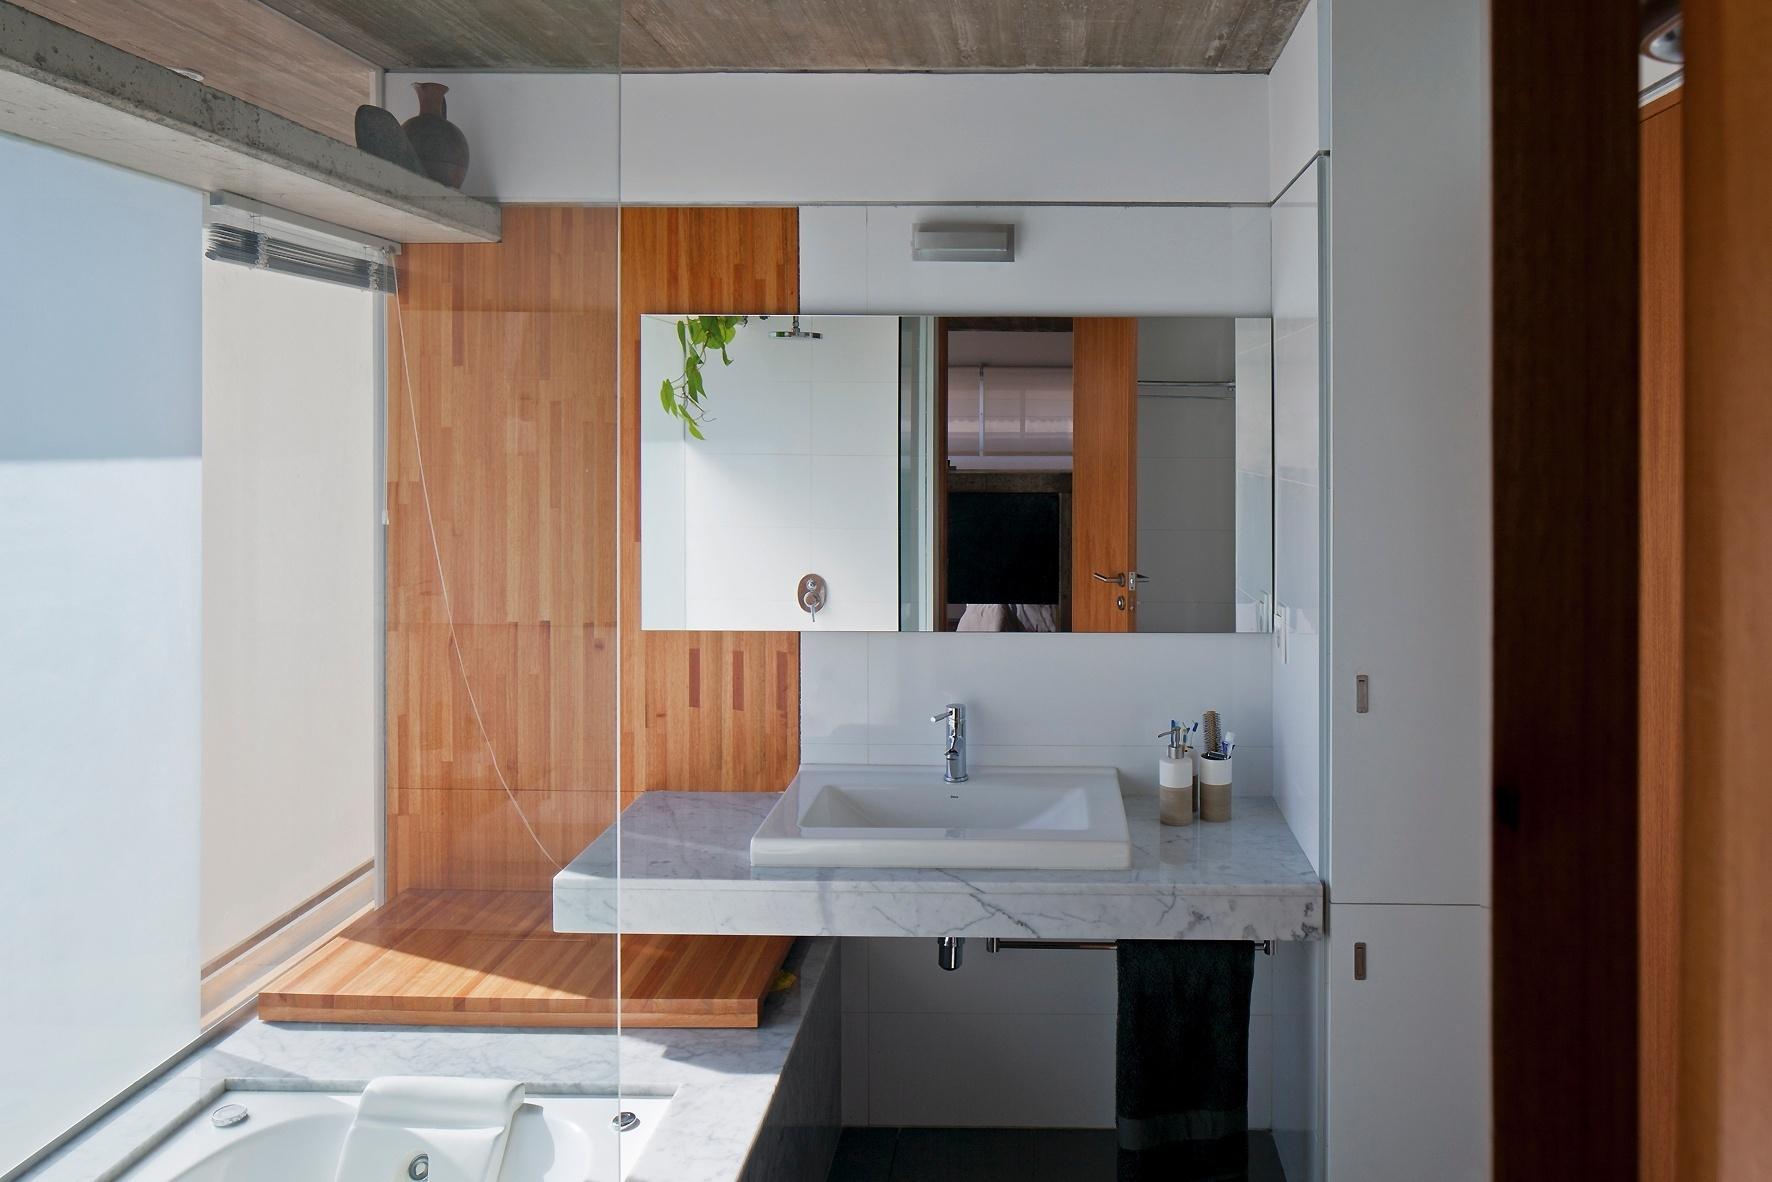 de vidro jateado que protegem a banheira do corredor externo de  #734224 1772x1182 Banheira Para Banheiro De Apartamento